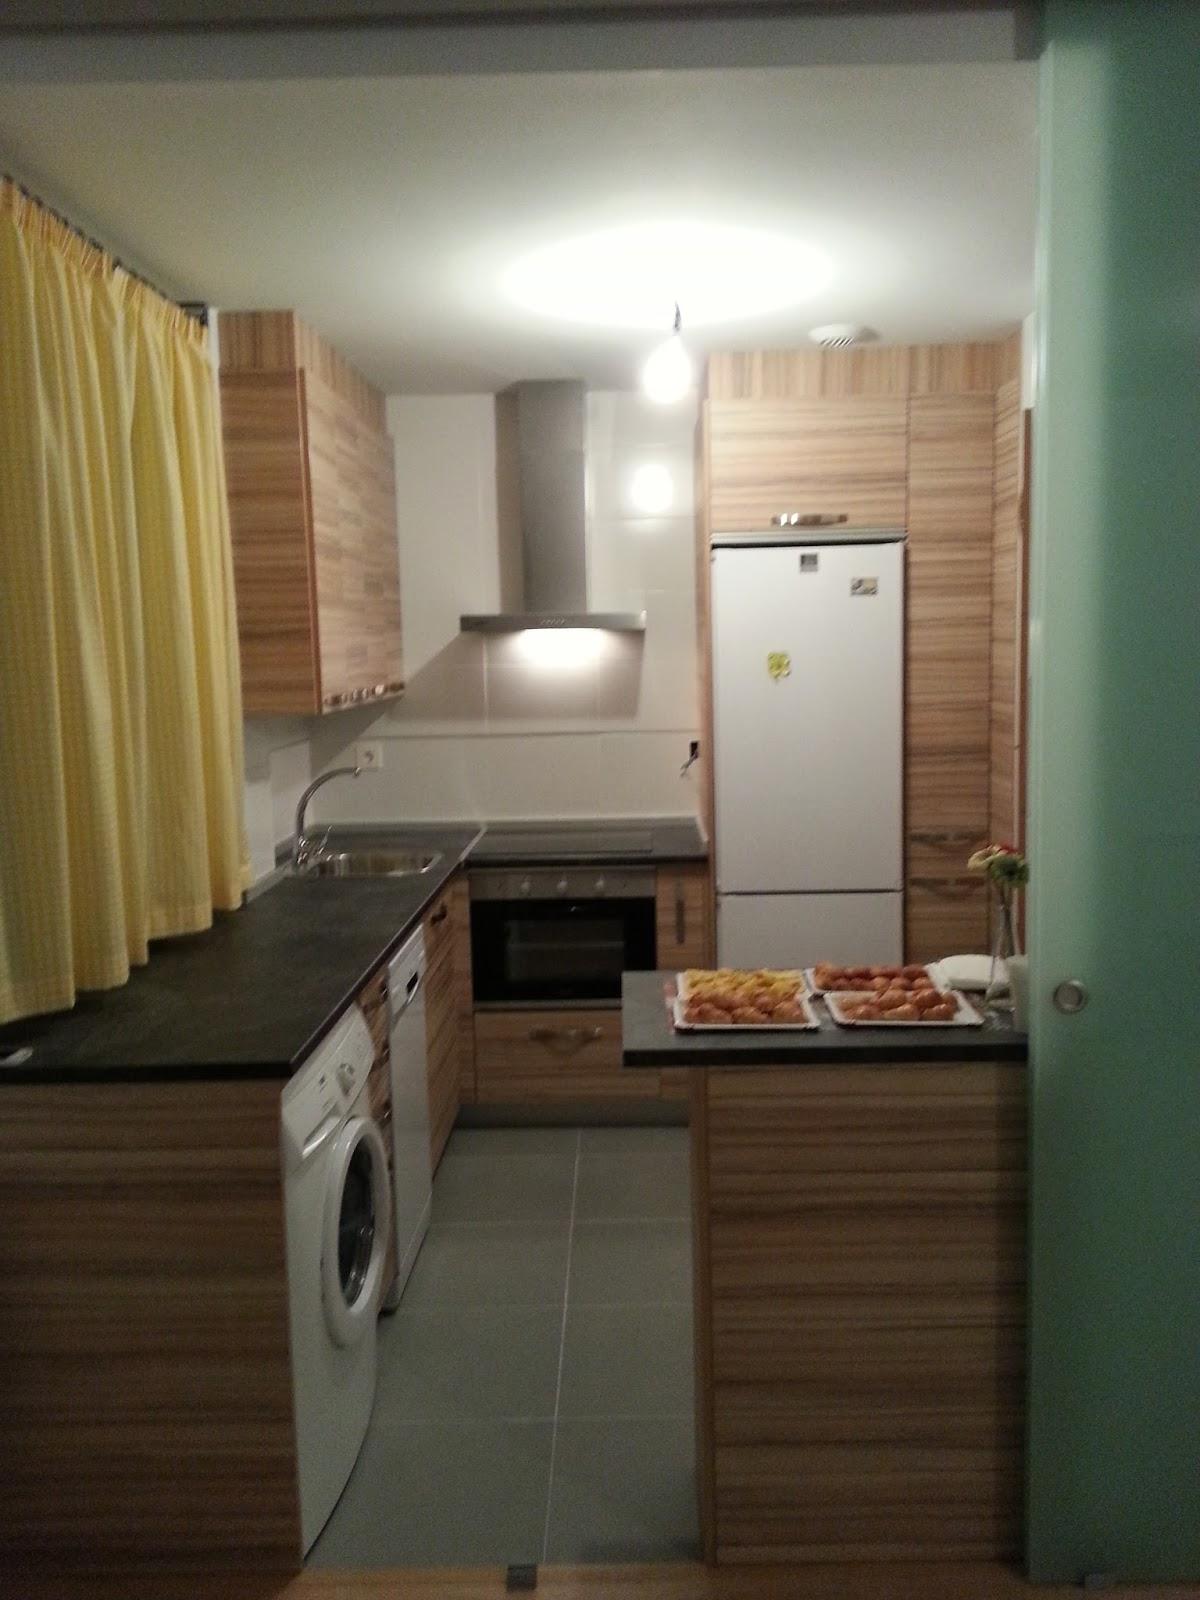 PLATHOO | Diseño de cocinas y baños 3D |: Muebles de cocina para ...